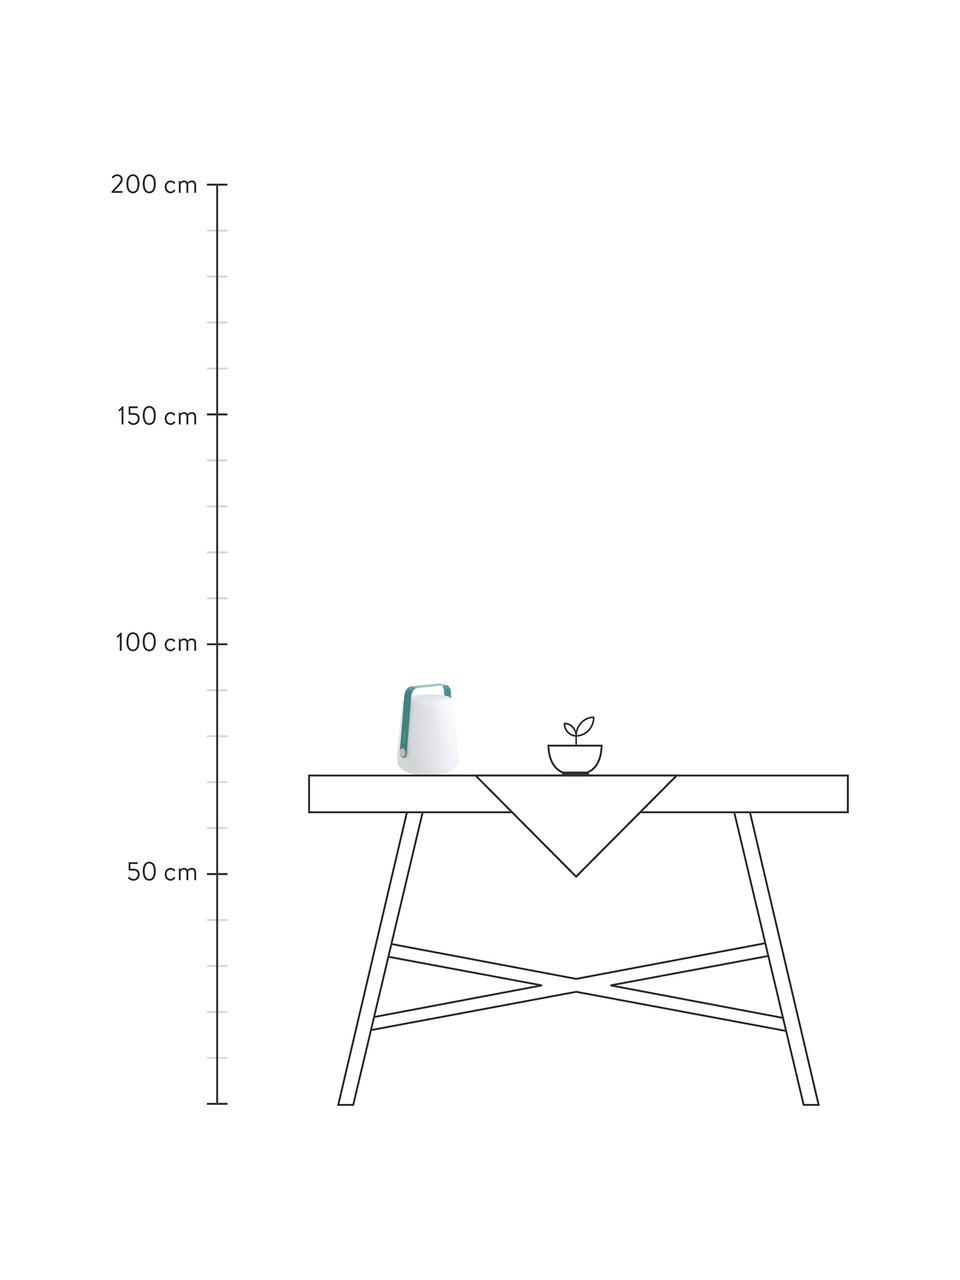 Zewnętrzna mobilna lampa stołowa z funkcją przyciemniania Balad, Seledynowy, Ø 19 x W 25 cm